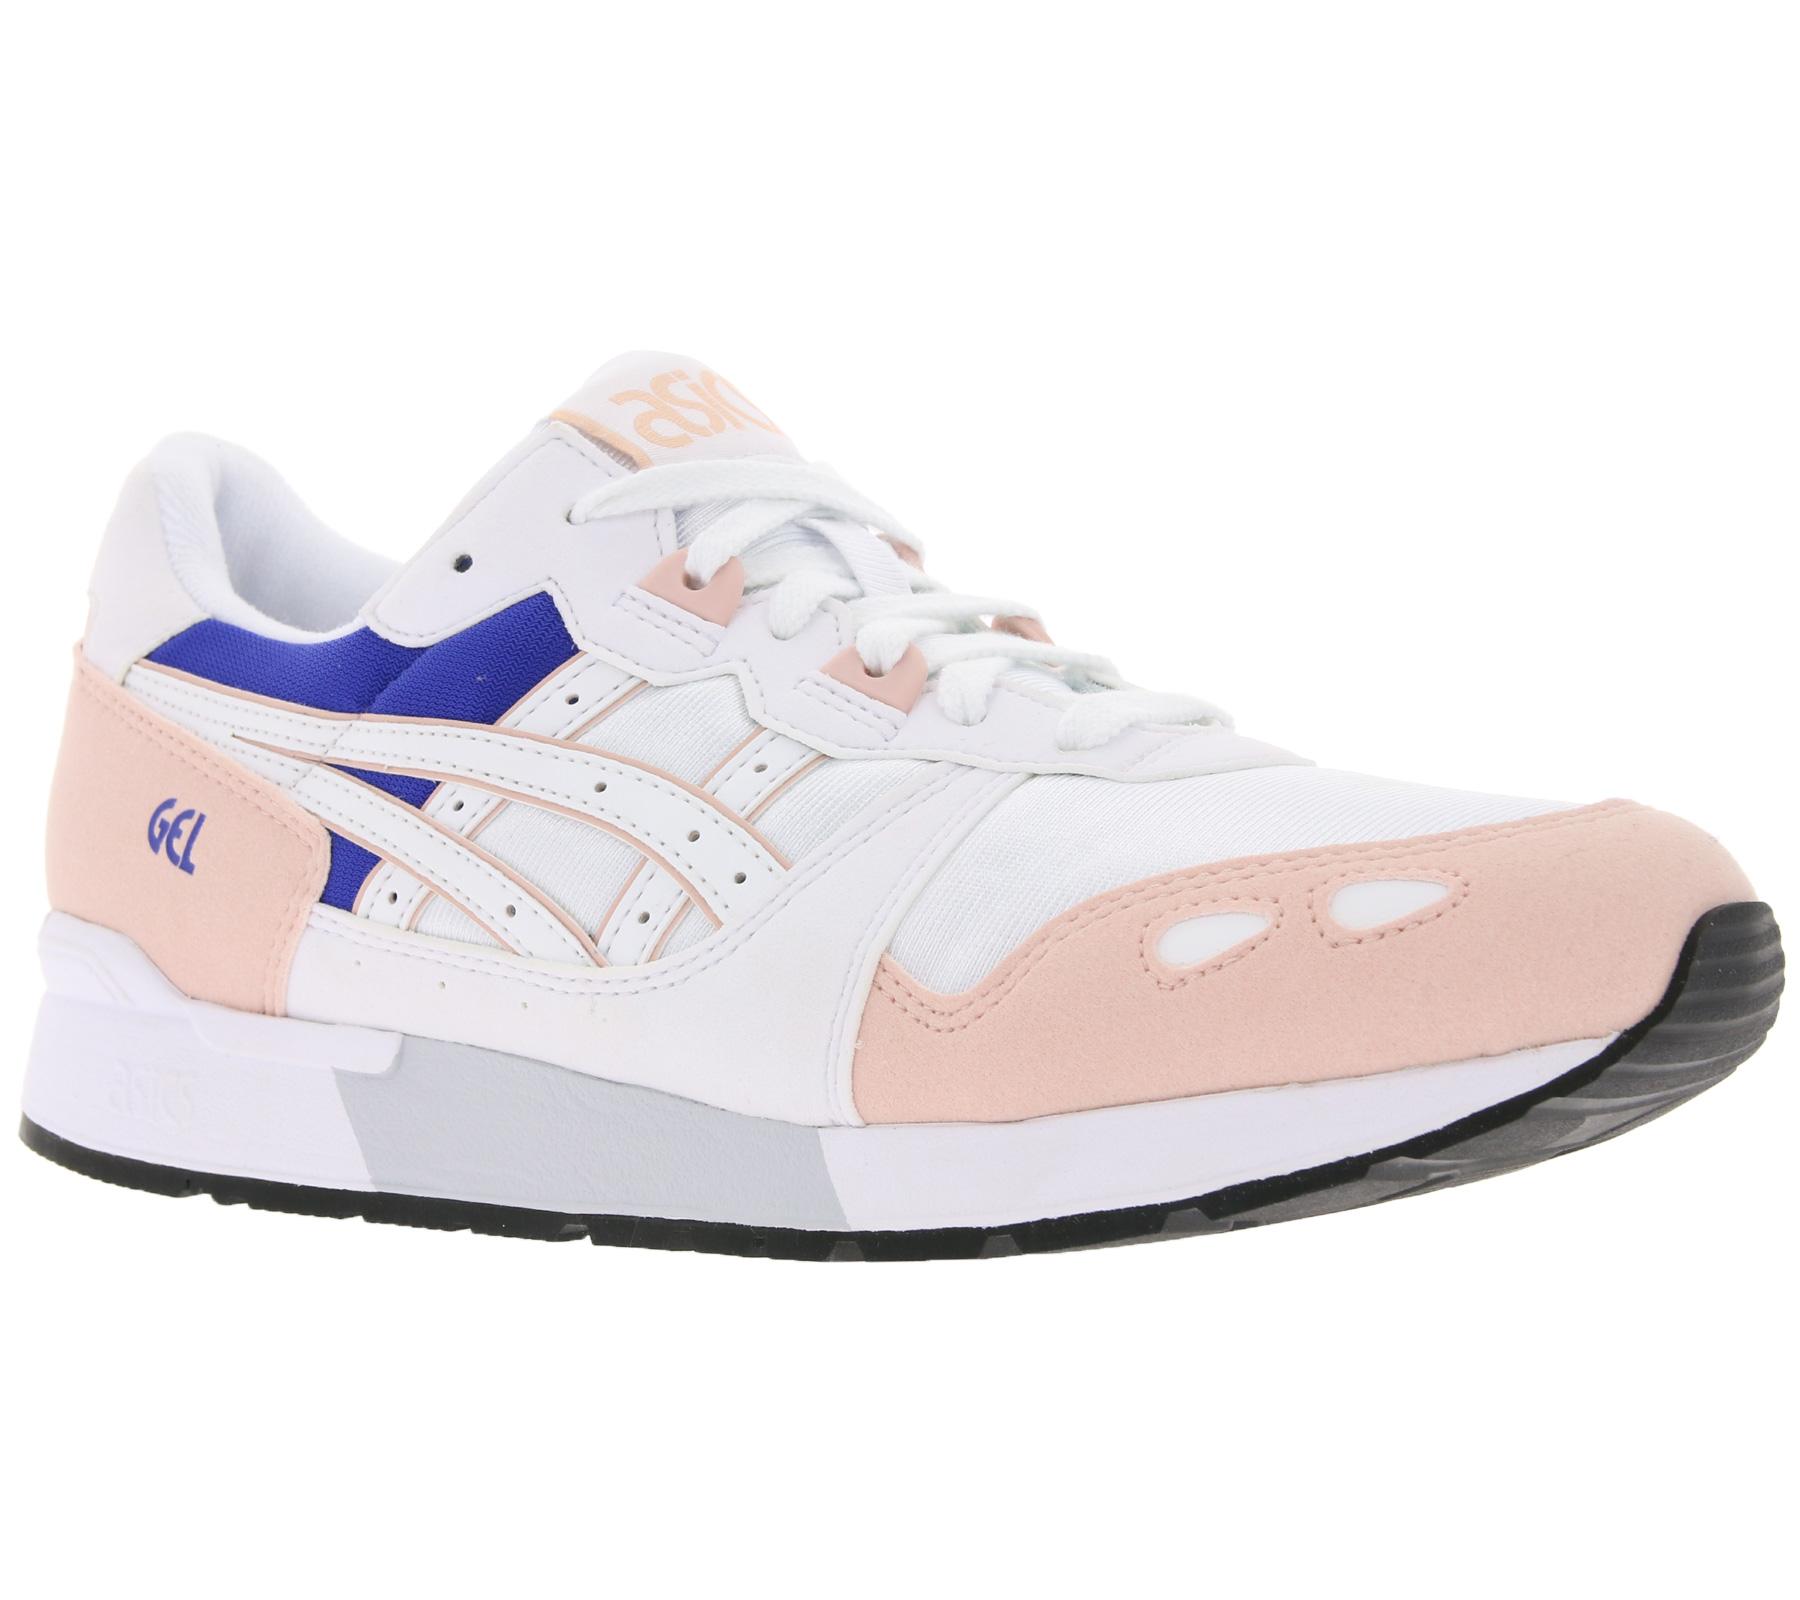 Details zu asics Sneaker Schuhe lässige Damen Turnschuhe Gel-Lyte Weiß/Rosa